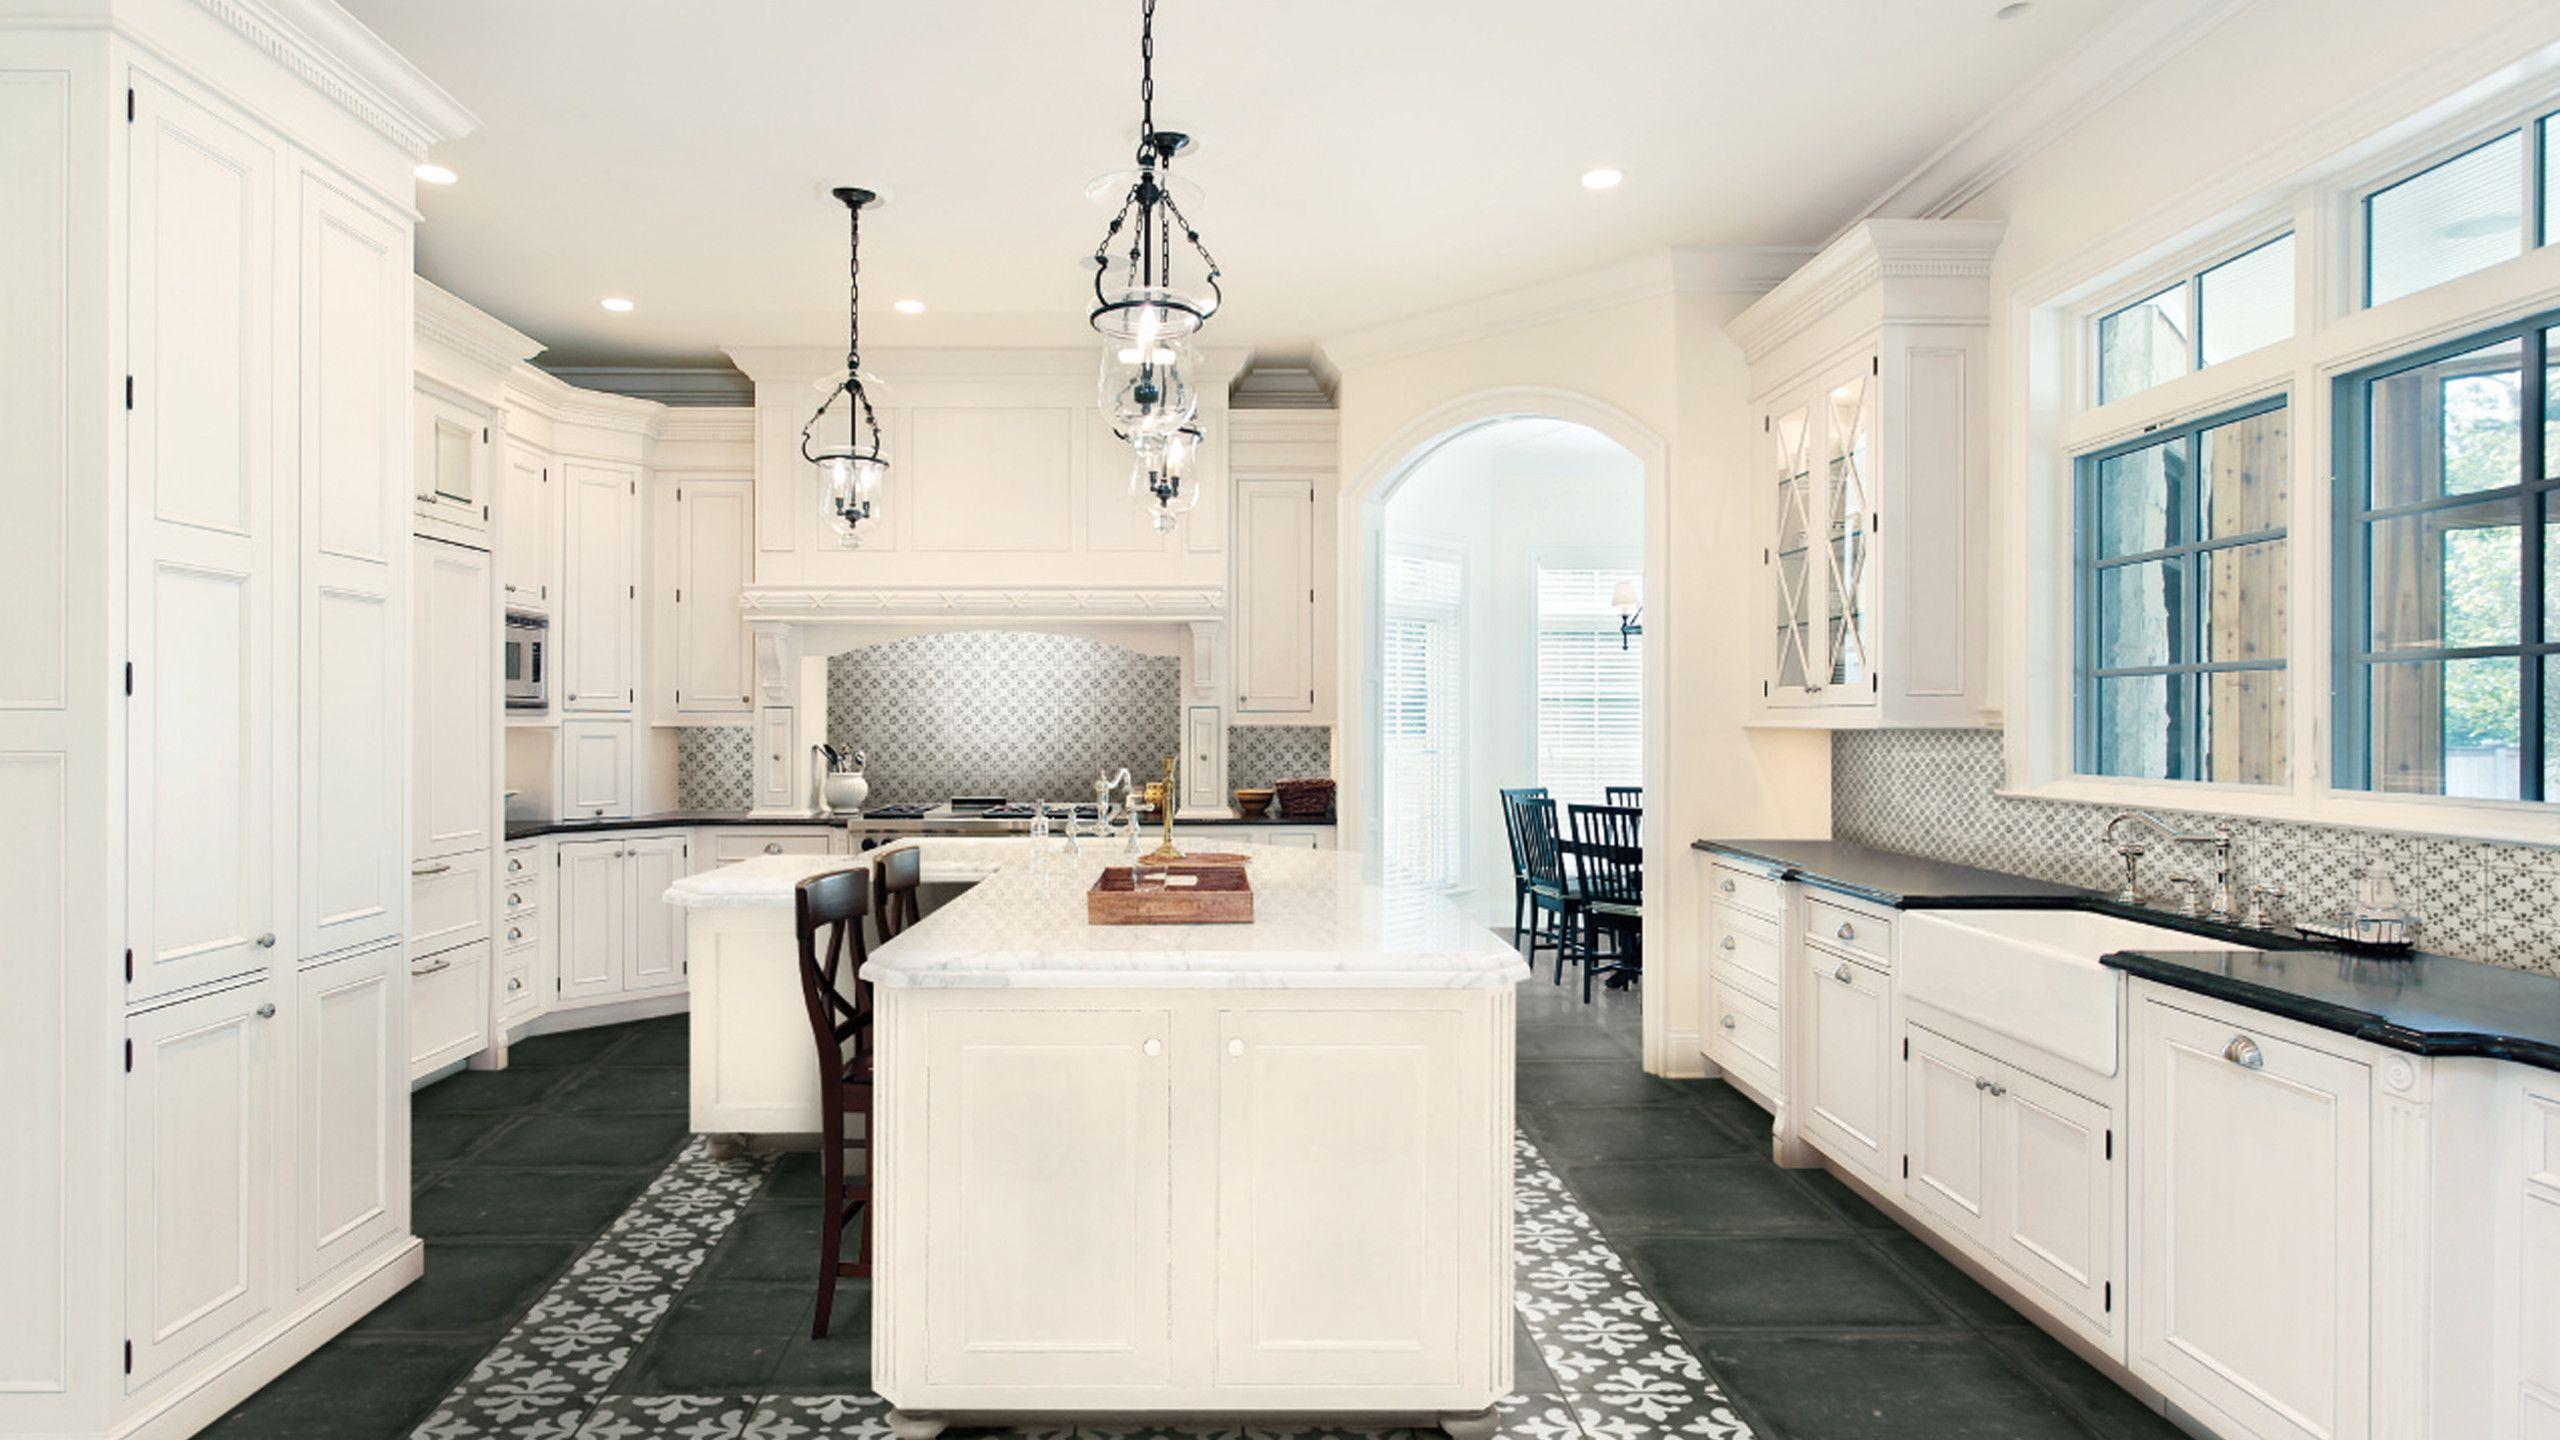 Palazzo 12 X 12 Decorative Tile In Castle Graphite Florentina Kitchen Remodel Kitchen Design Decor